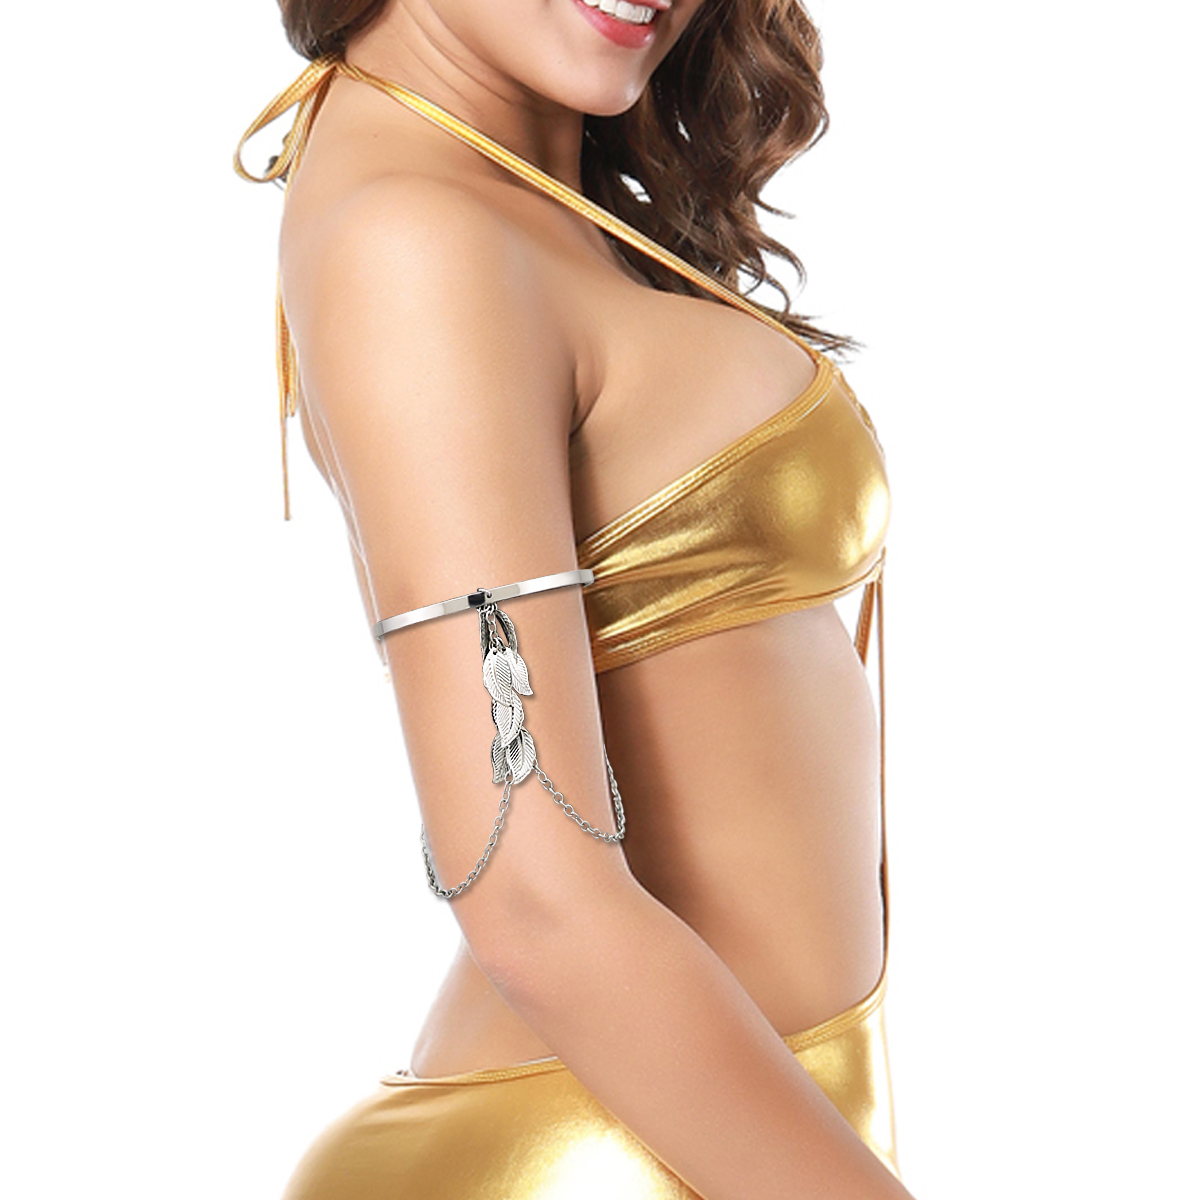 H229ff692edd34d36aeb600d4f9608c3eD Prata banhado a ouro grego folha de louro pulseira braçadeira braço superior manguito armlet festival nupcial dança do ventre jóias